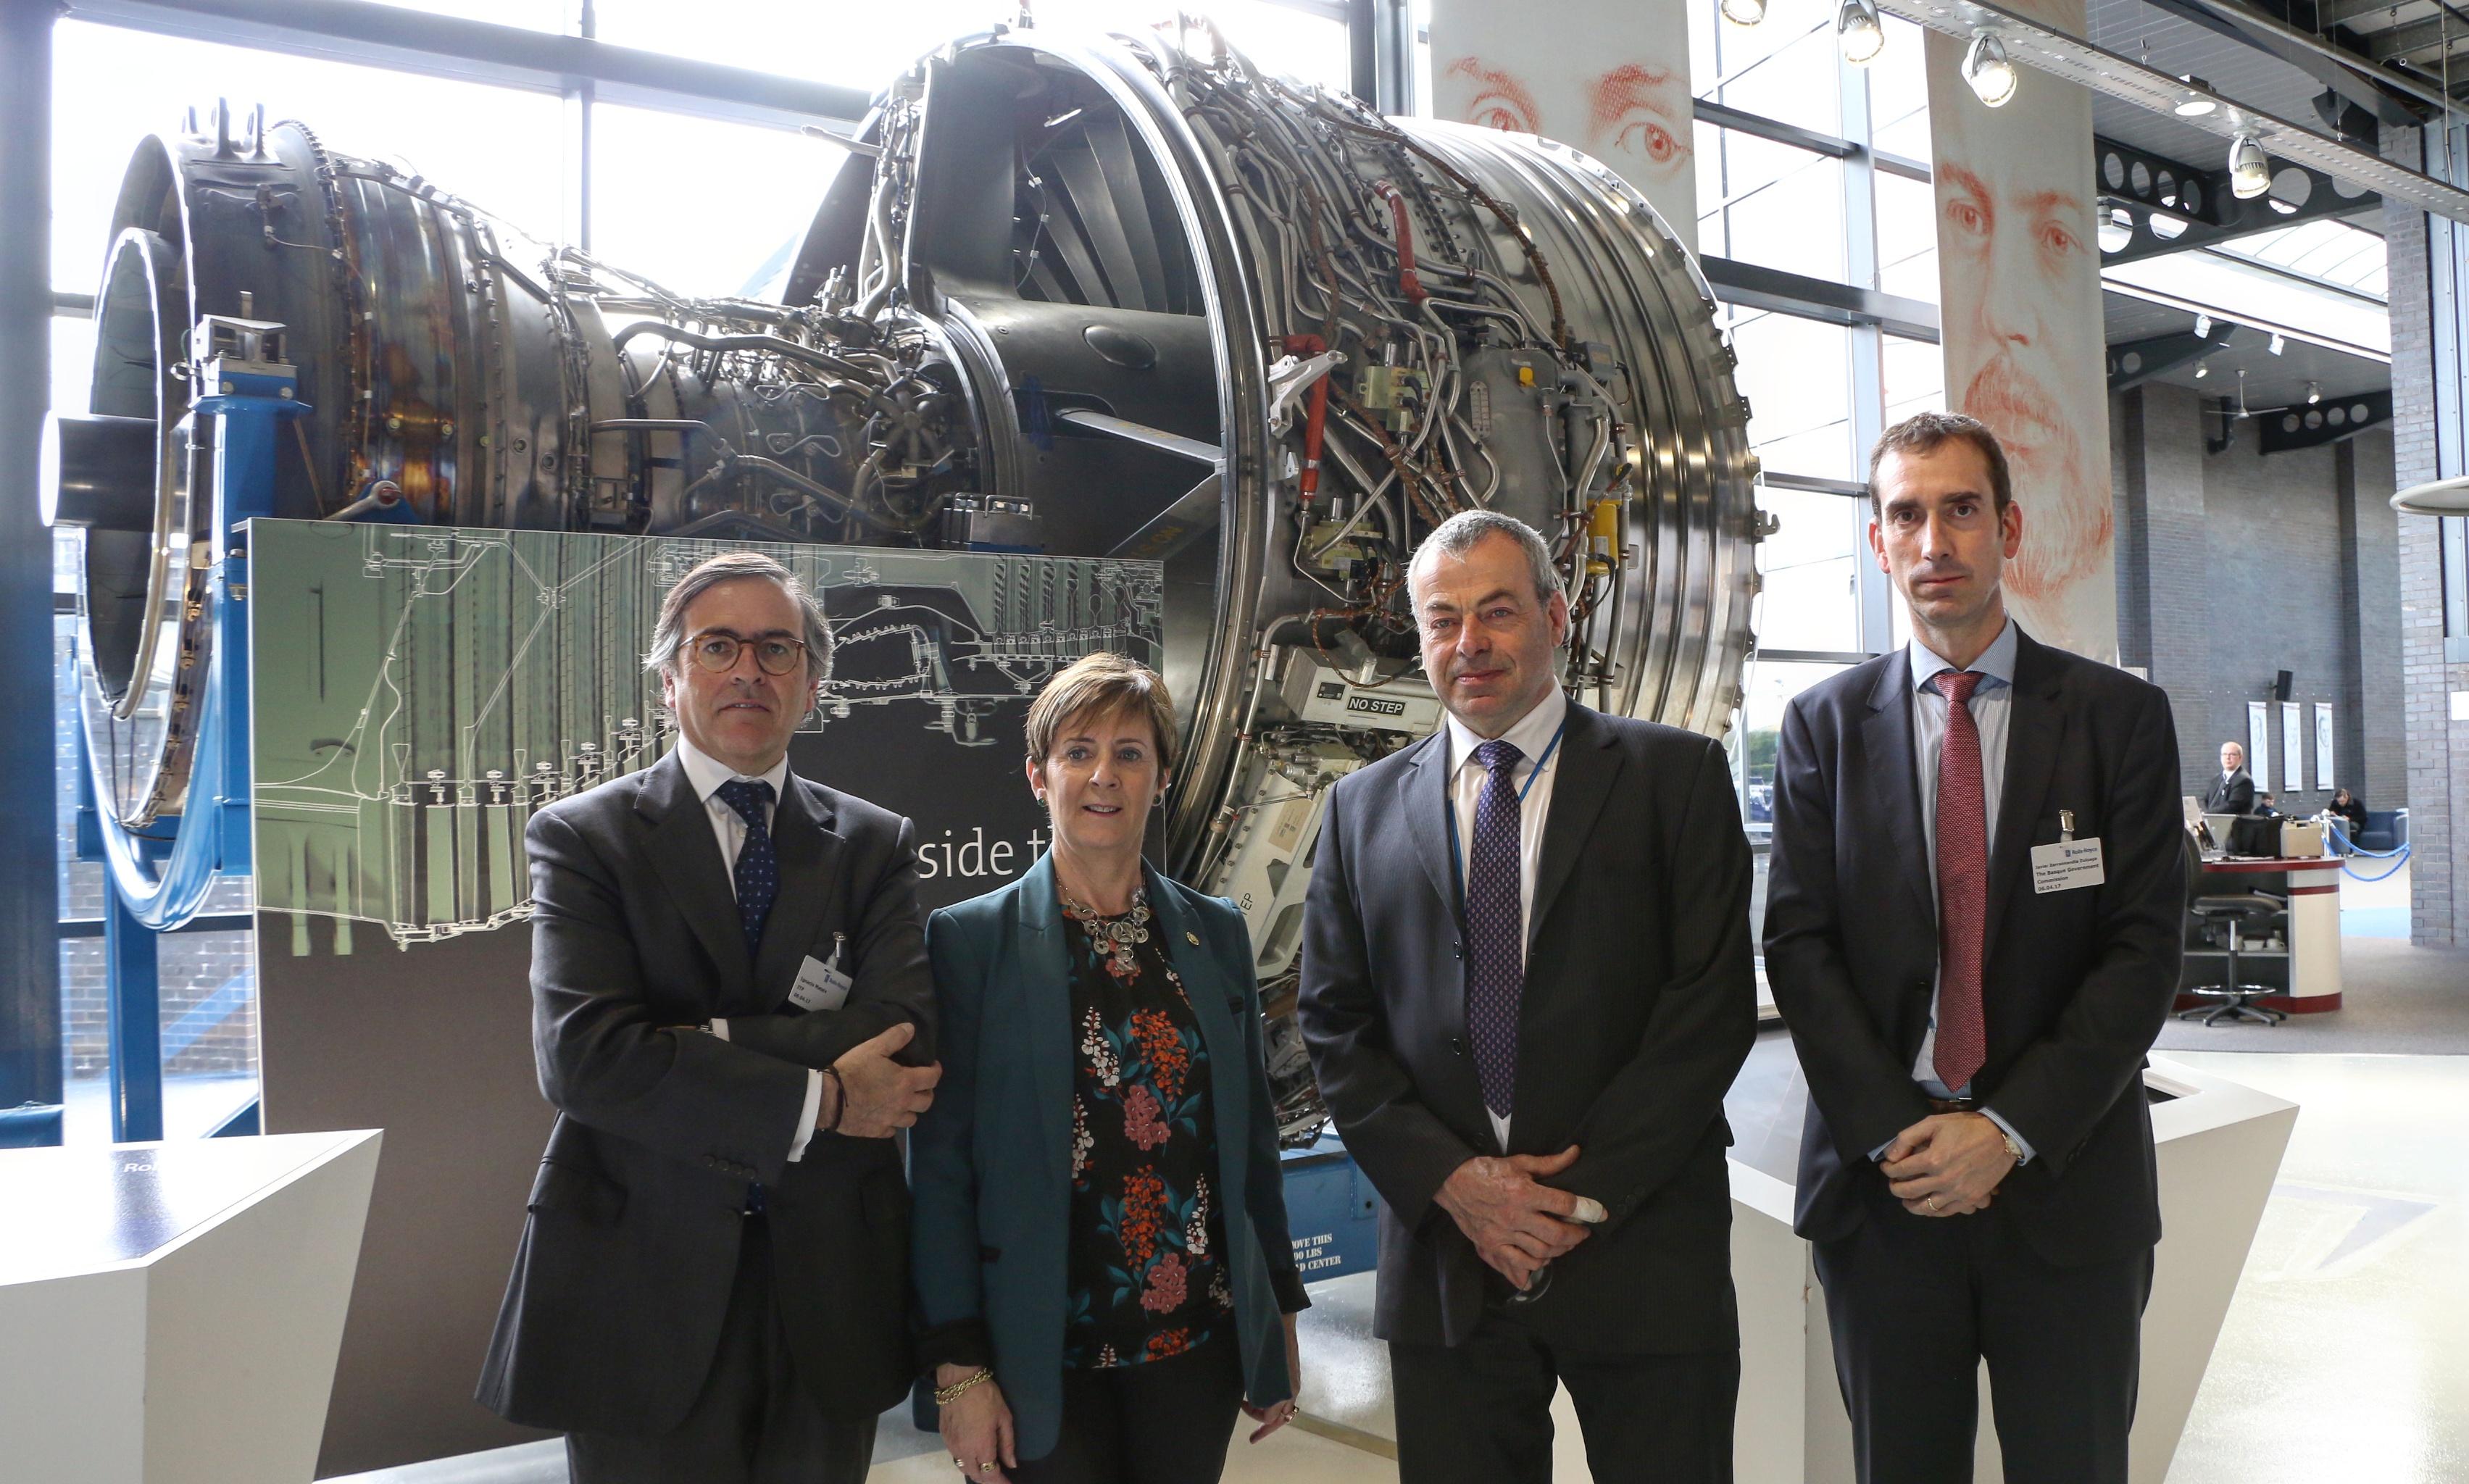 El Gobierno Vasco ofrece colaboración para que  ITP se consolide como planta de referencia en el Grupo Rolls-Royce